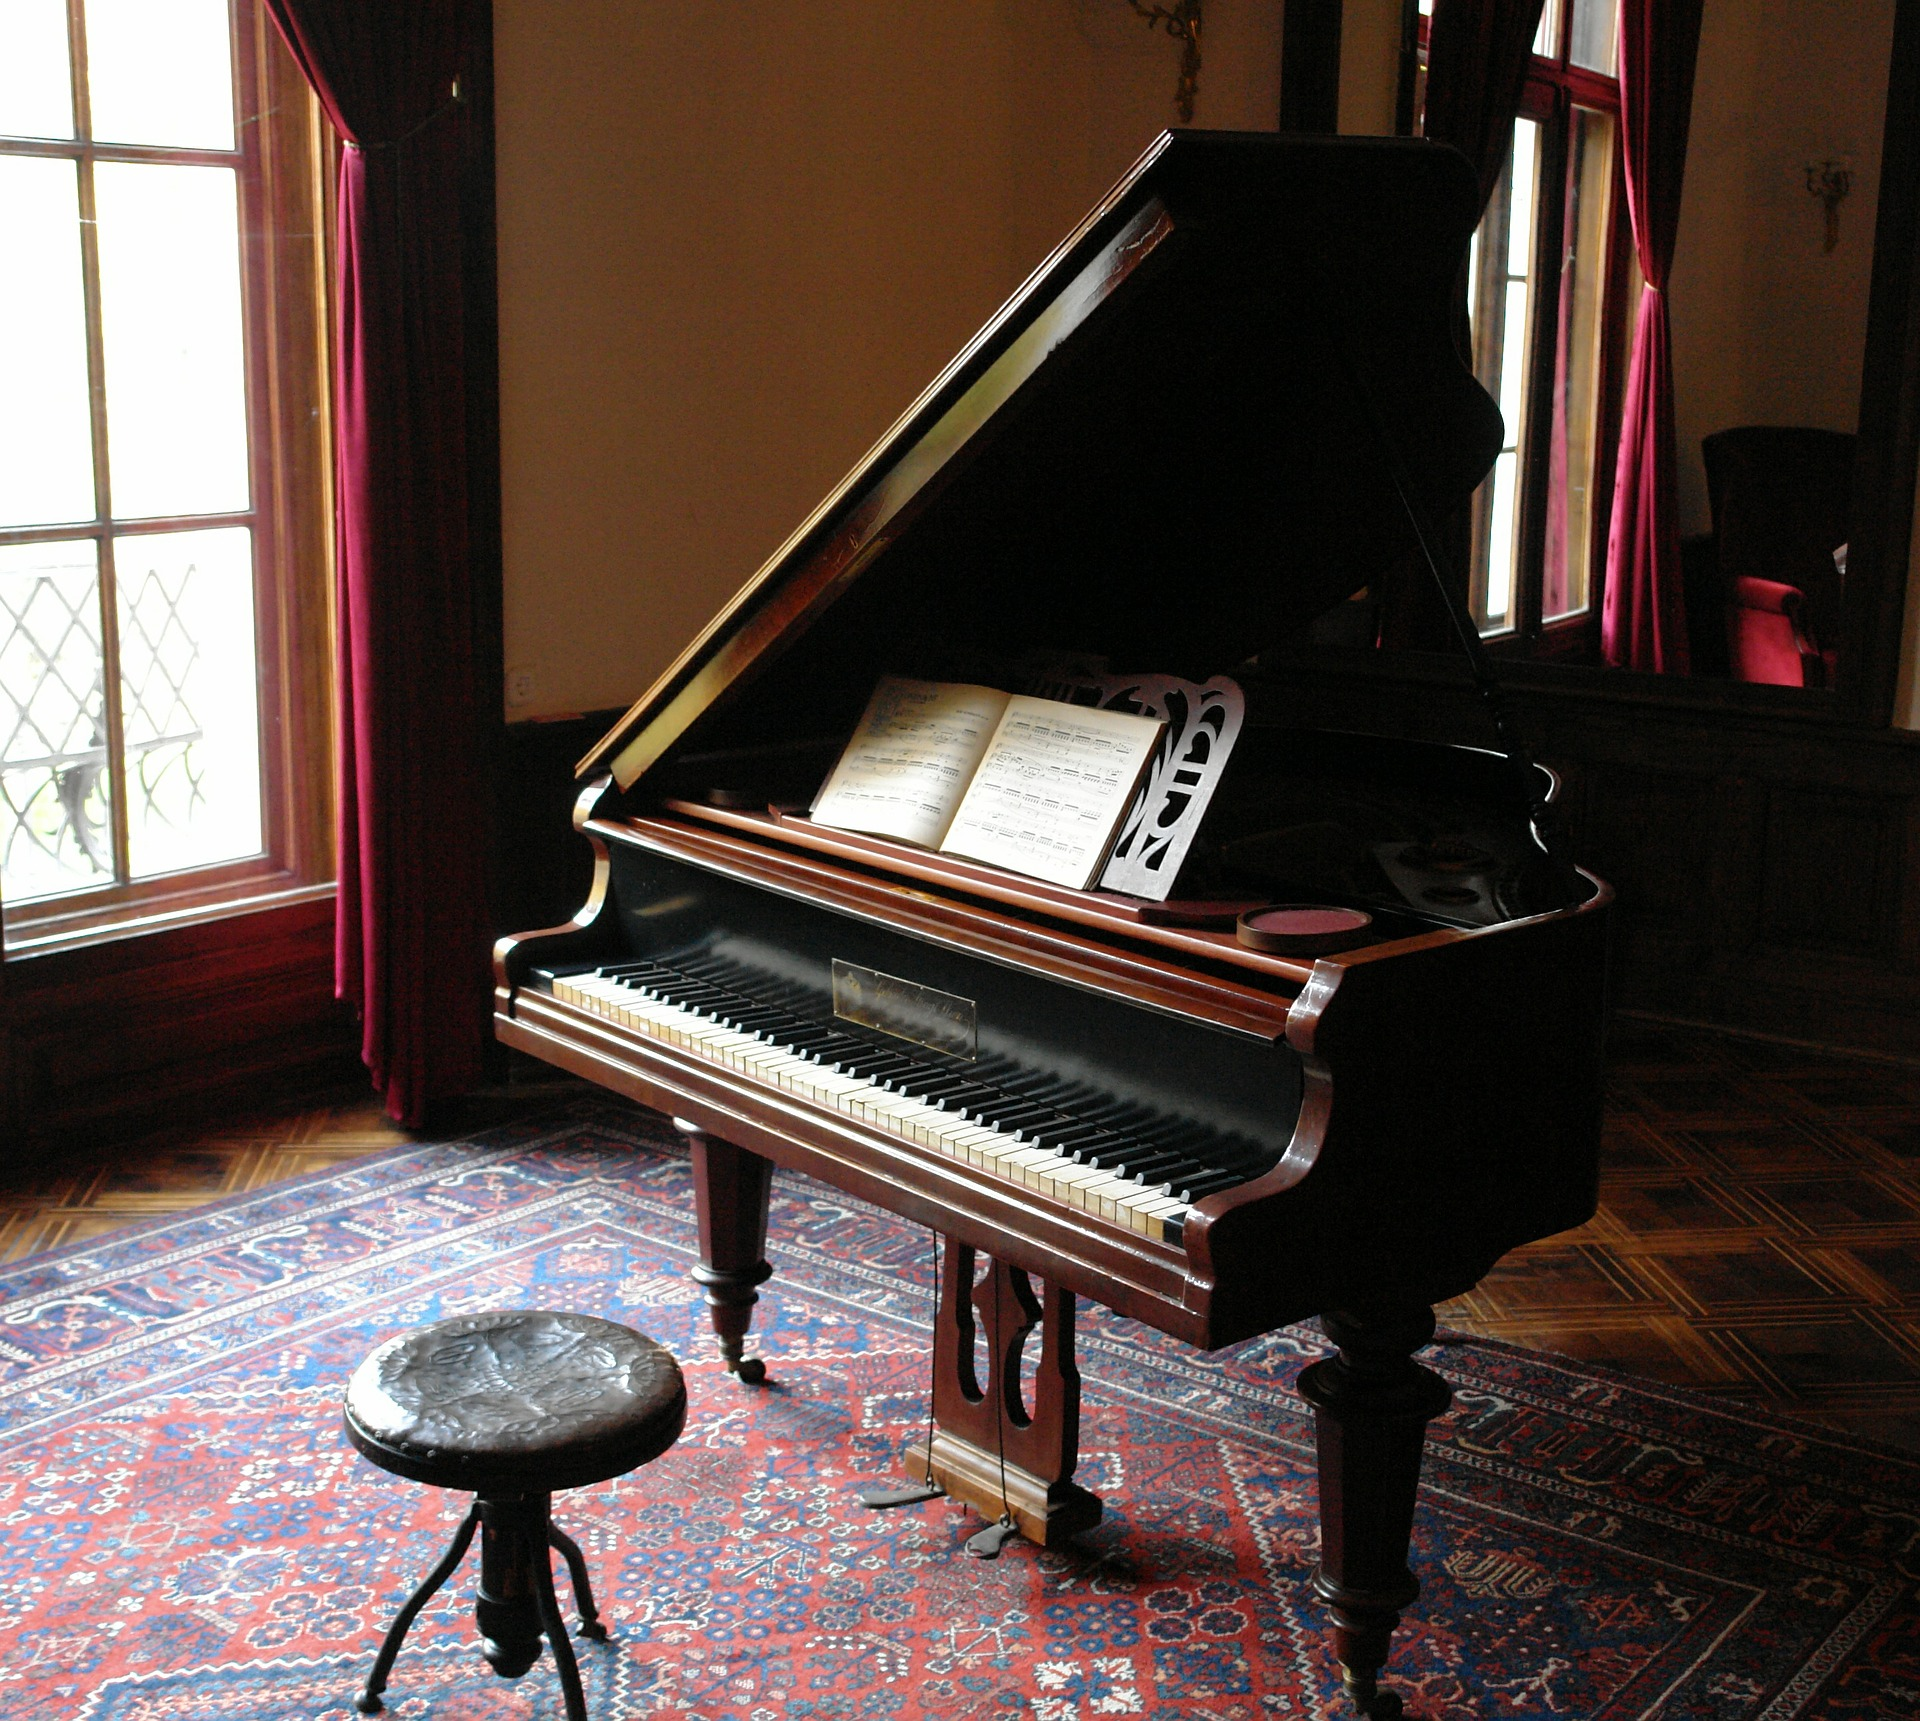 piano-601386_1920.jpg